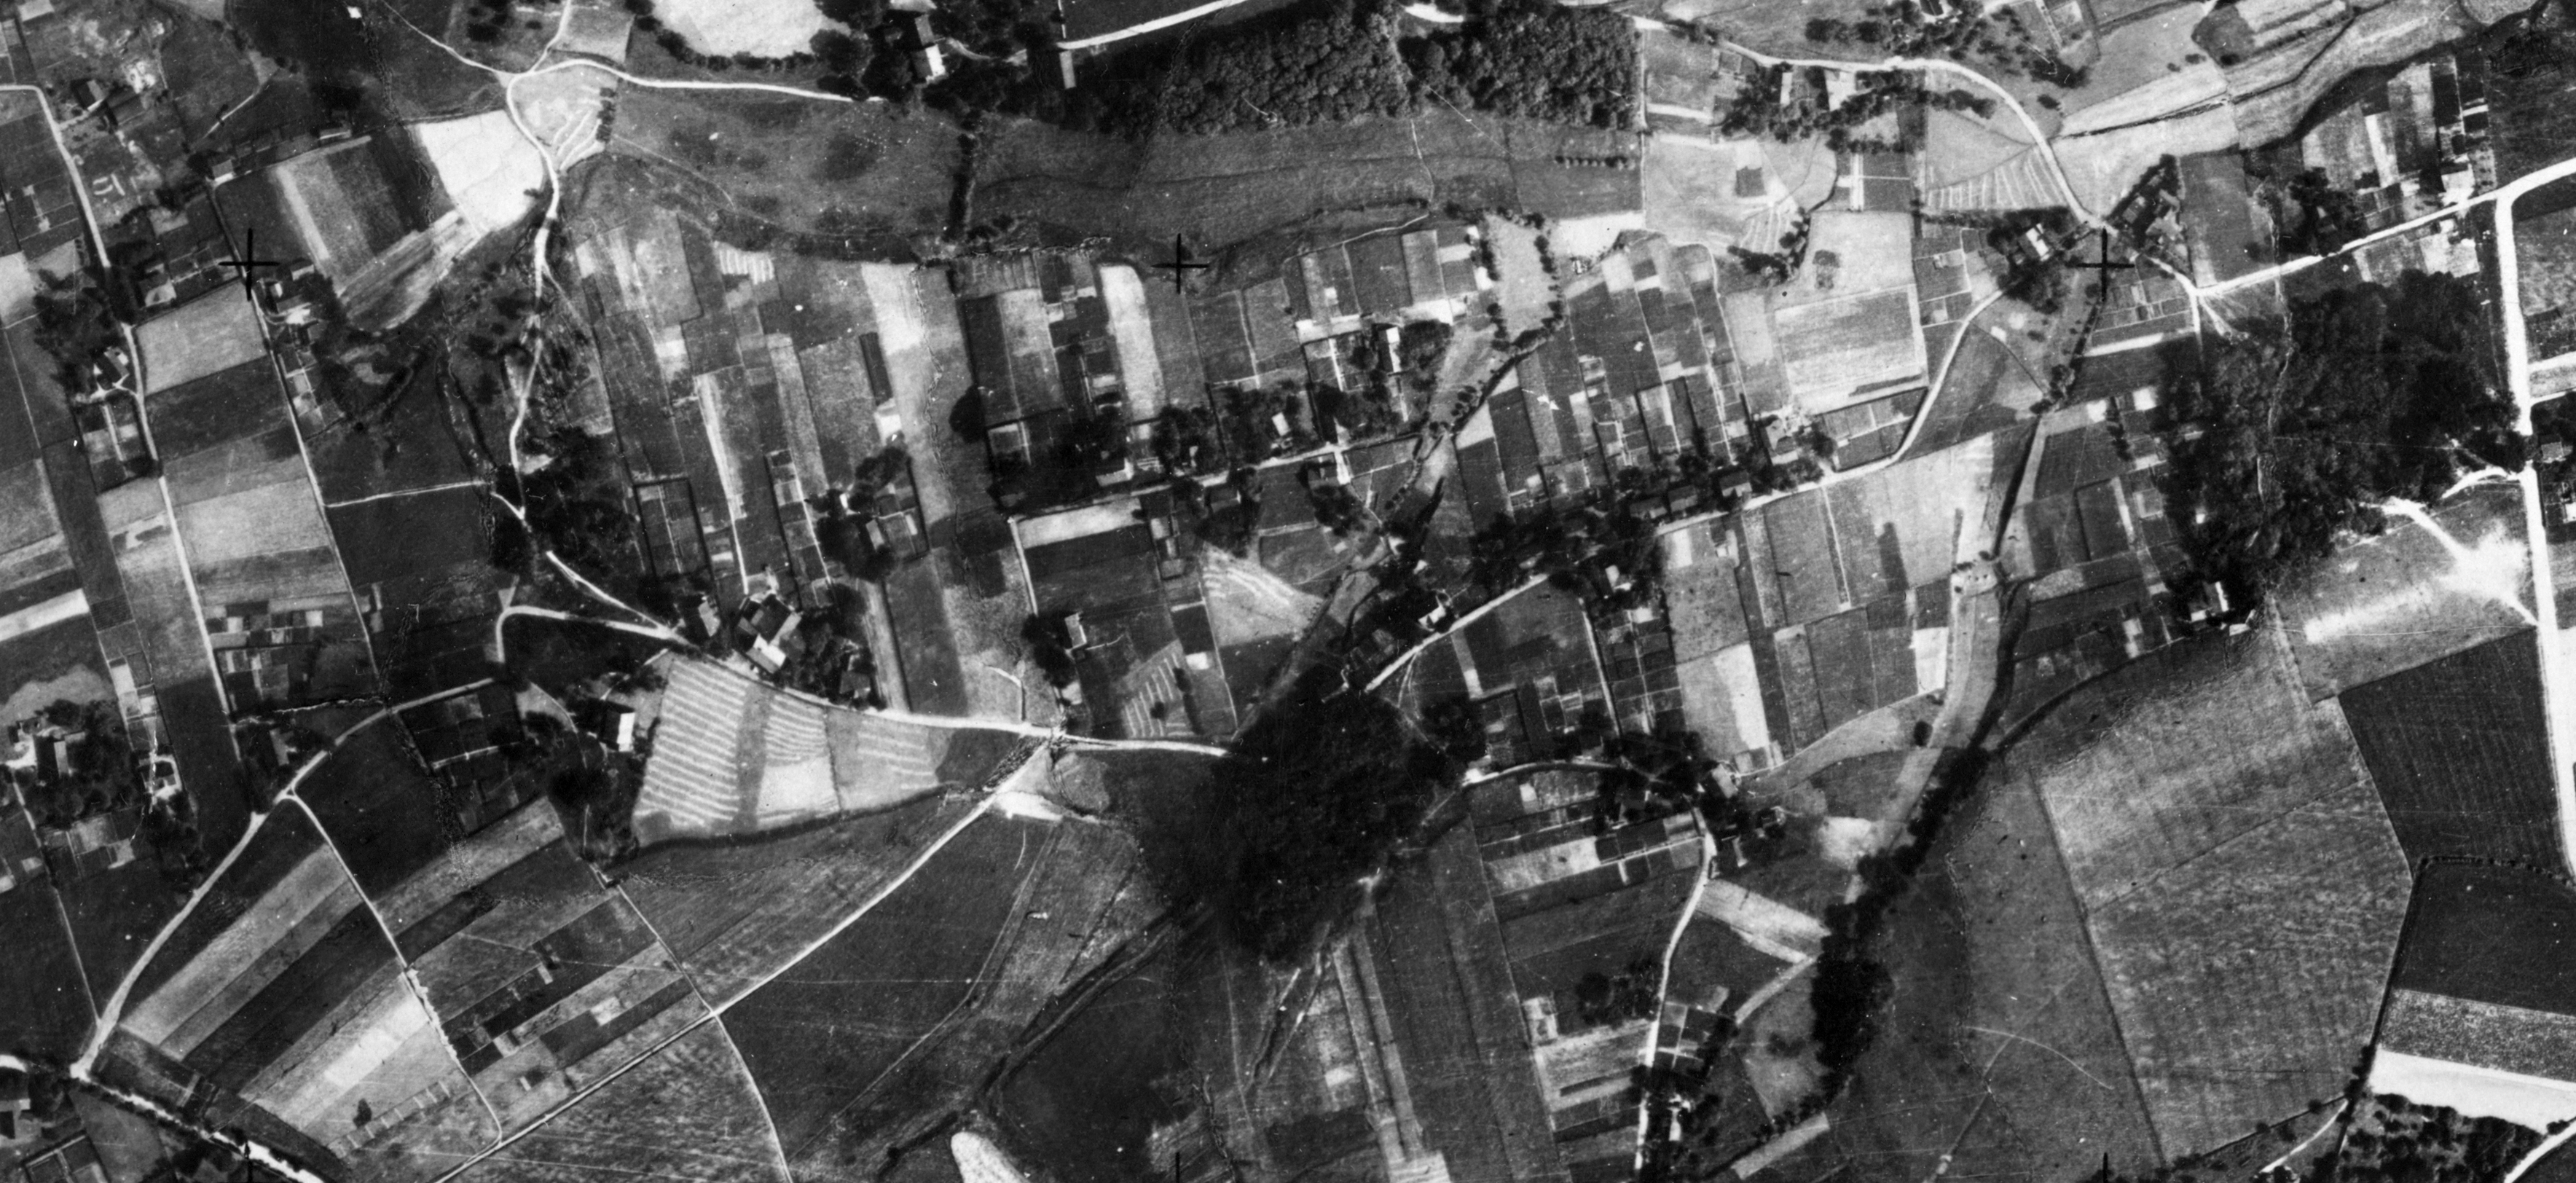 Auf einem Luftbild aus dem Jahr 1926 gut zu erkennen: die Brüderstraße mündet (von links kommend) auf die Schloßstraße. Am rechten Rand ist die heutige Surkenstraße zu erkennen. (Foto: Regionalverband Ruhr)